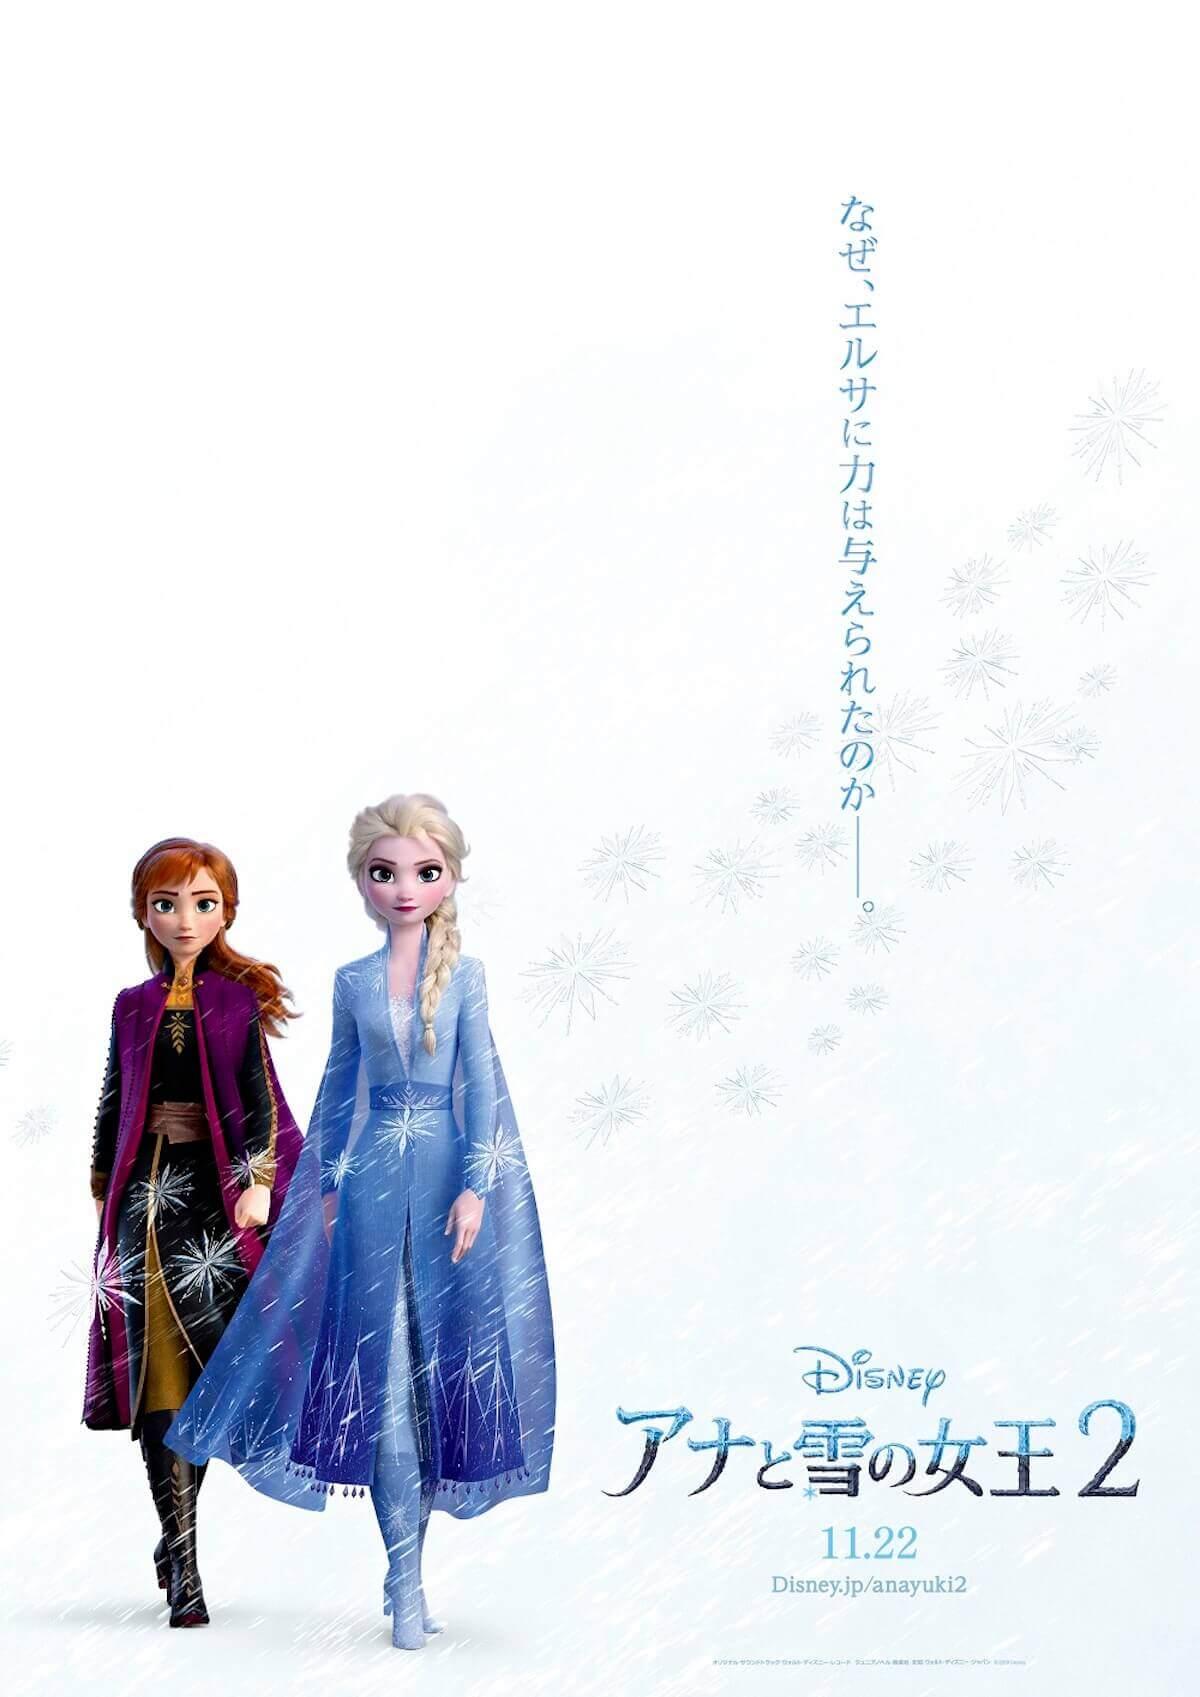 ついに明らかになる「アナ雪2」の物語のヒントとは?『アナと雪の女王2』最新予告が公開 film190604frozen2_info